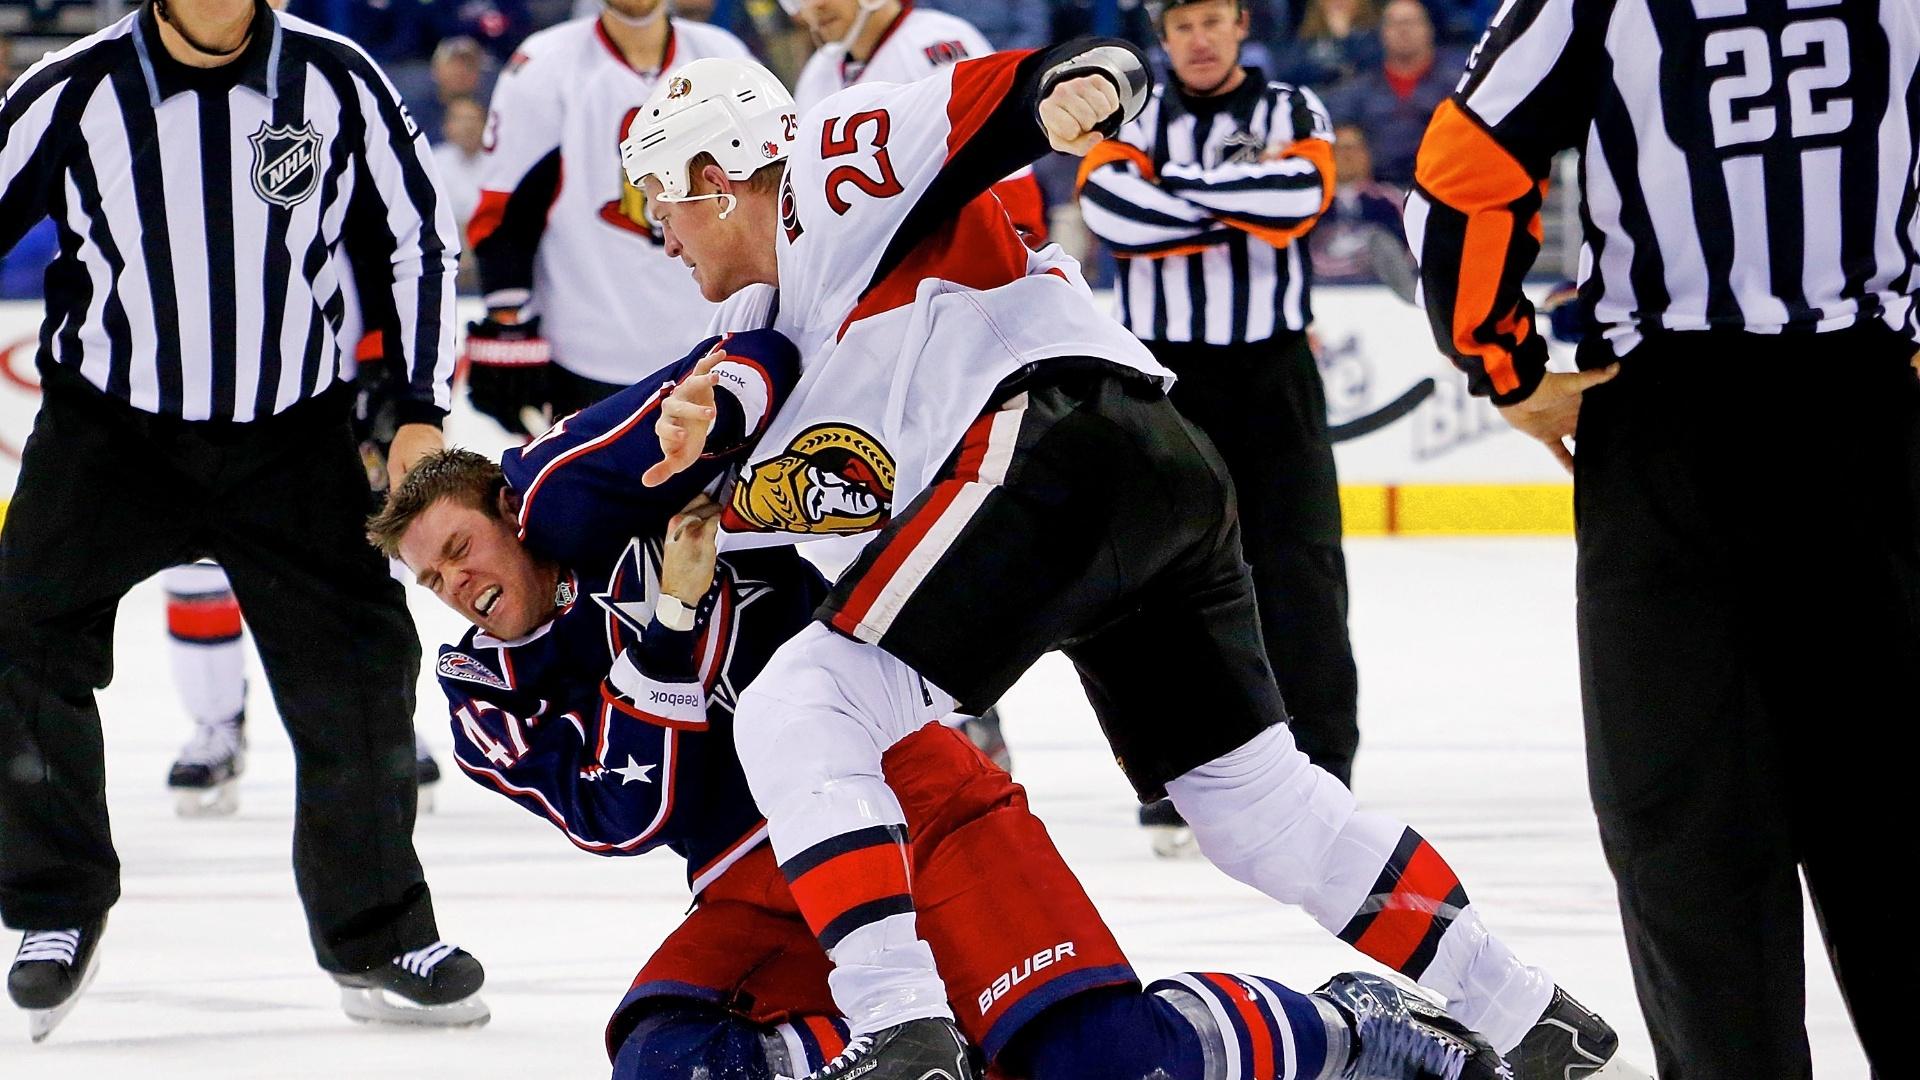 5.Nov.2013 - Chris Neil, do Ottawa Senators, tenta acertar Dalton Prout, do Columbus Blue Jackets, em jogo da NHL, a liga dos EUA de hóquei. Detalhe para o juiz ao fundo, que espera, de braços cruzados, o fim da briga para reiniciar o jogo